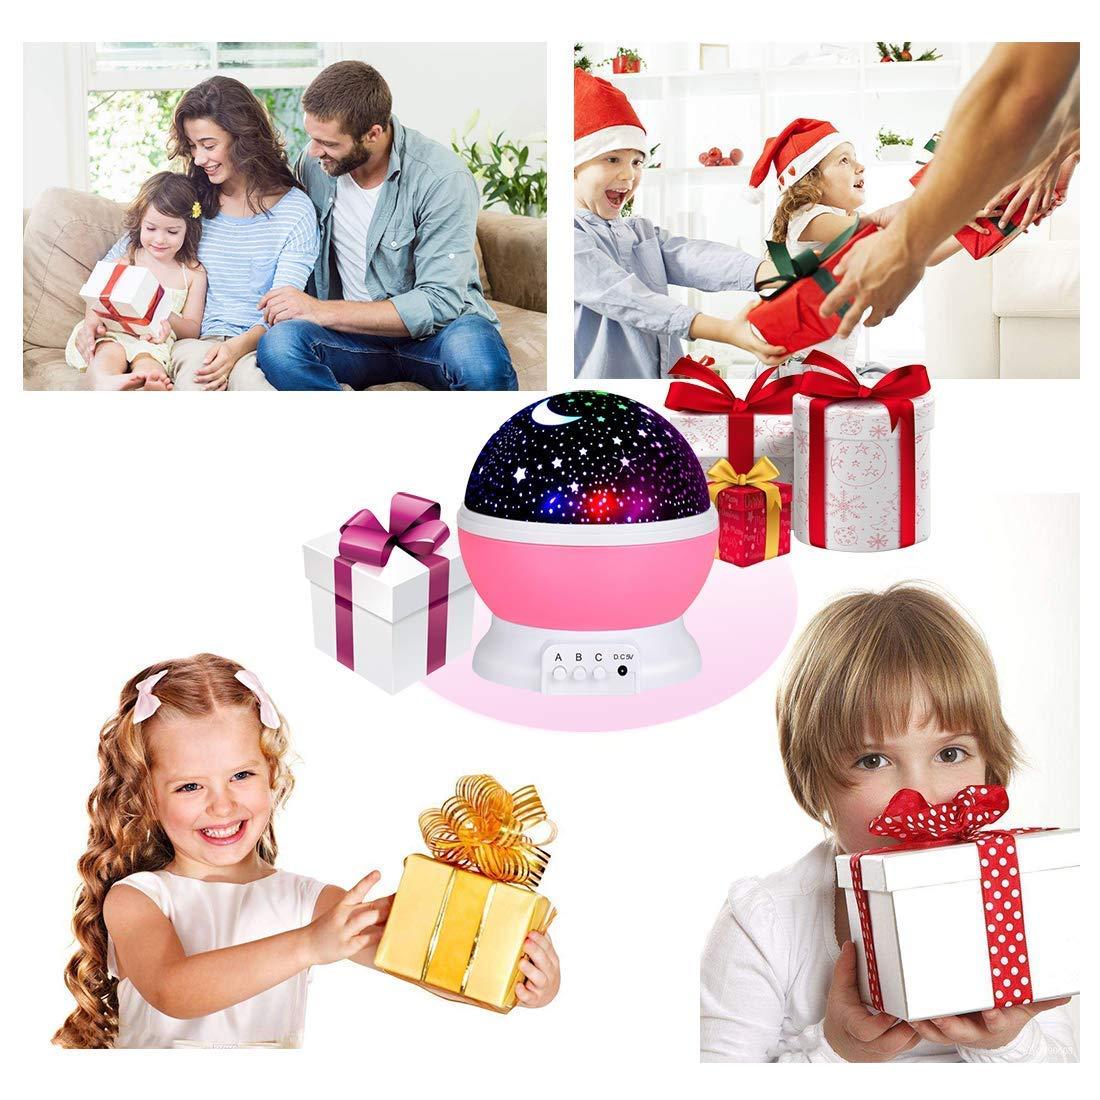 Regali Di Natale Per Una Ragazza Di 12 Anni.Giocattoli Per Ragazze Di 3 12 Anni Cymy Proiettore Stella Luce